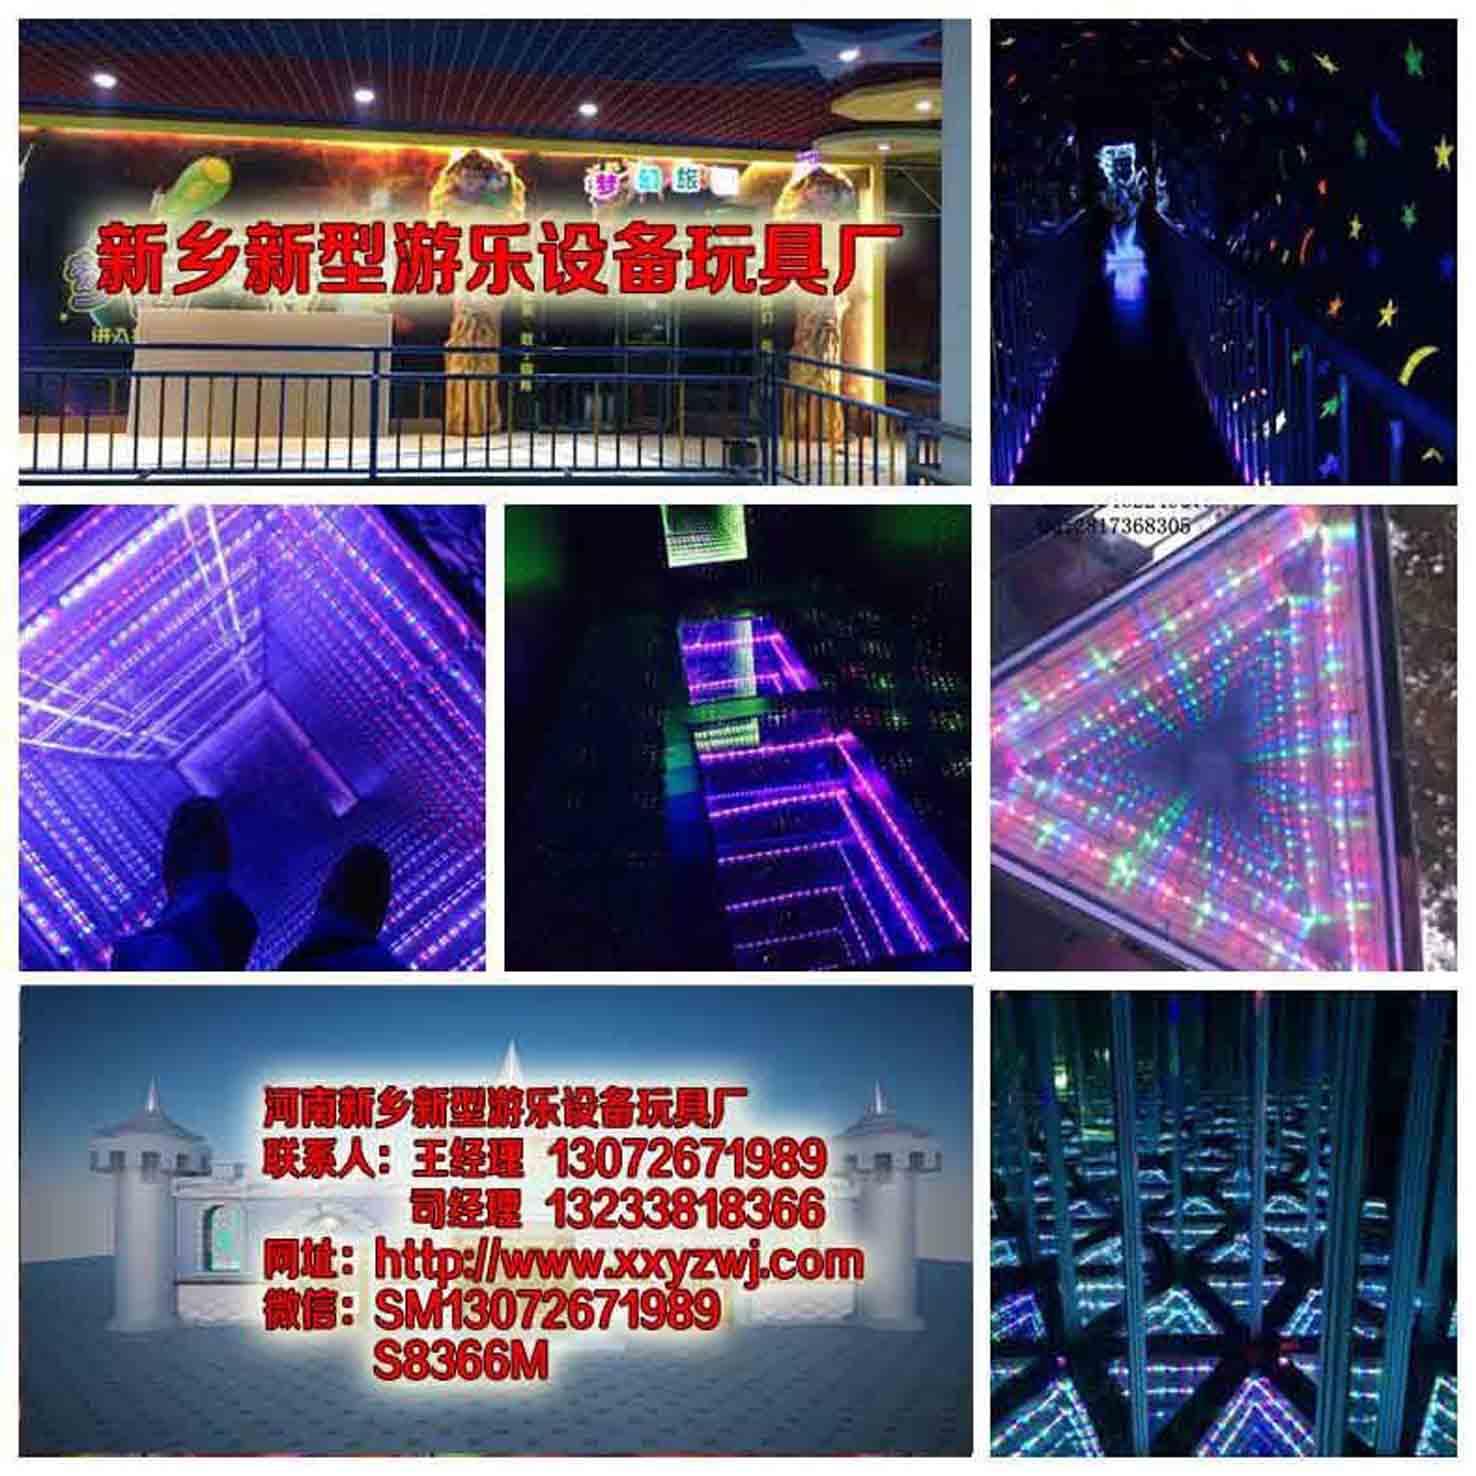 许襄城县定做游乐场设备专业生产厂家详情请面谈